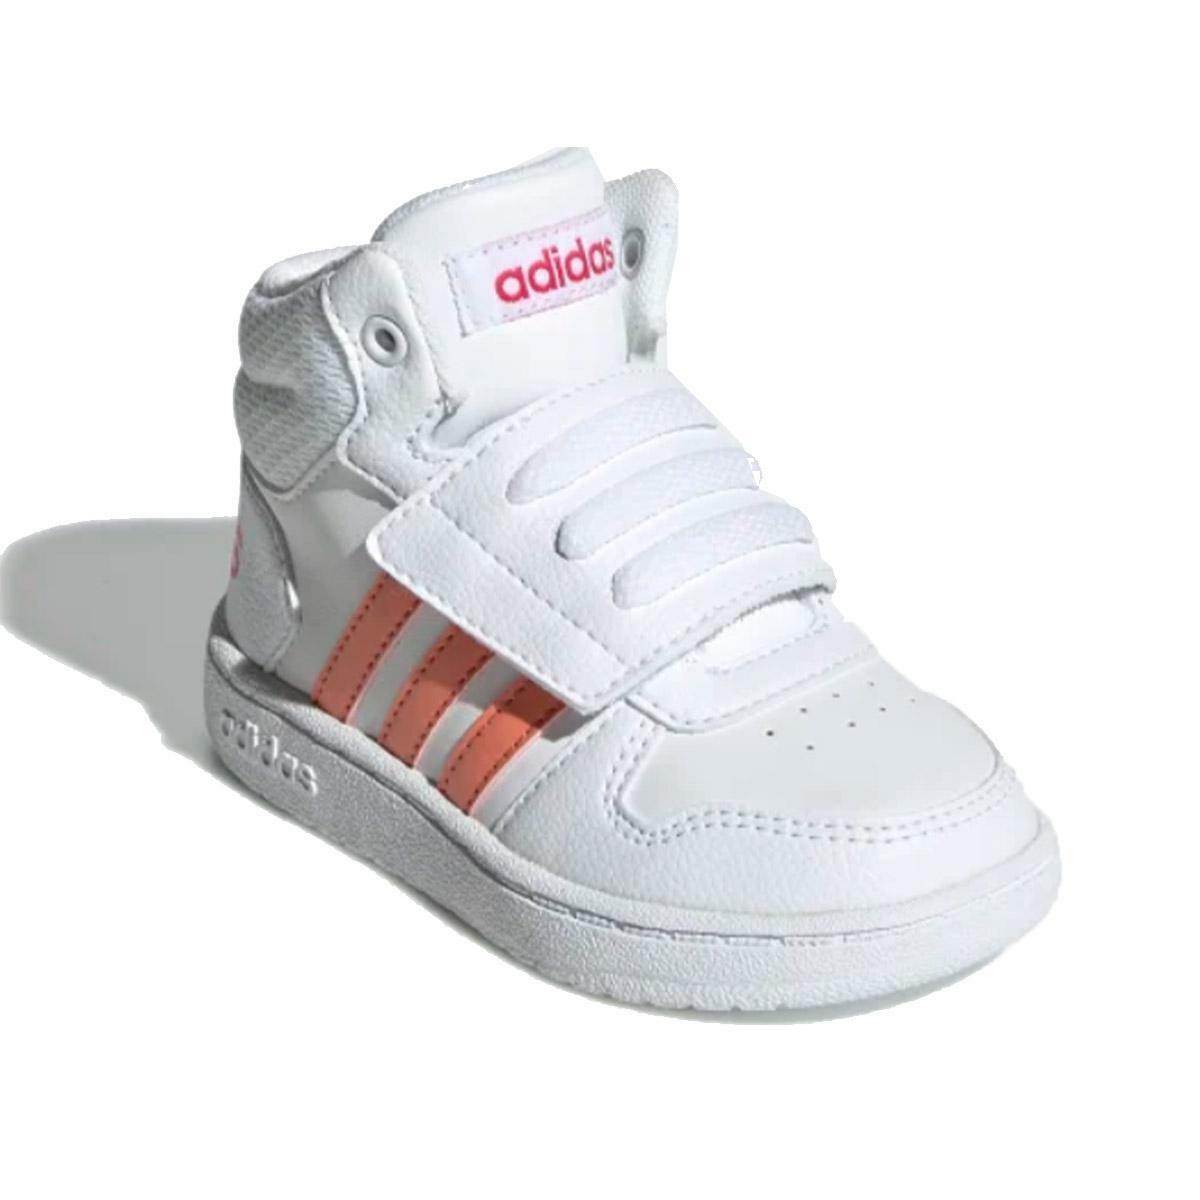 adidas hoops mid 2.0 i bambina sneaker alta ee6716 bianco